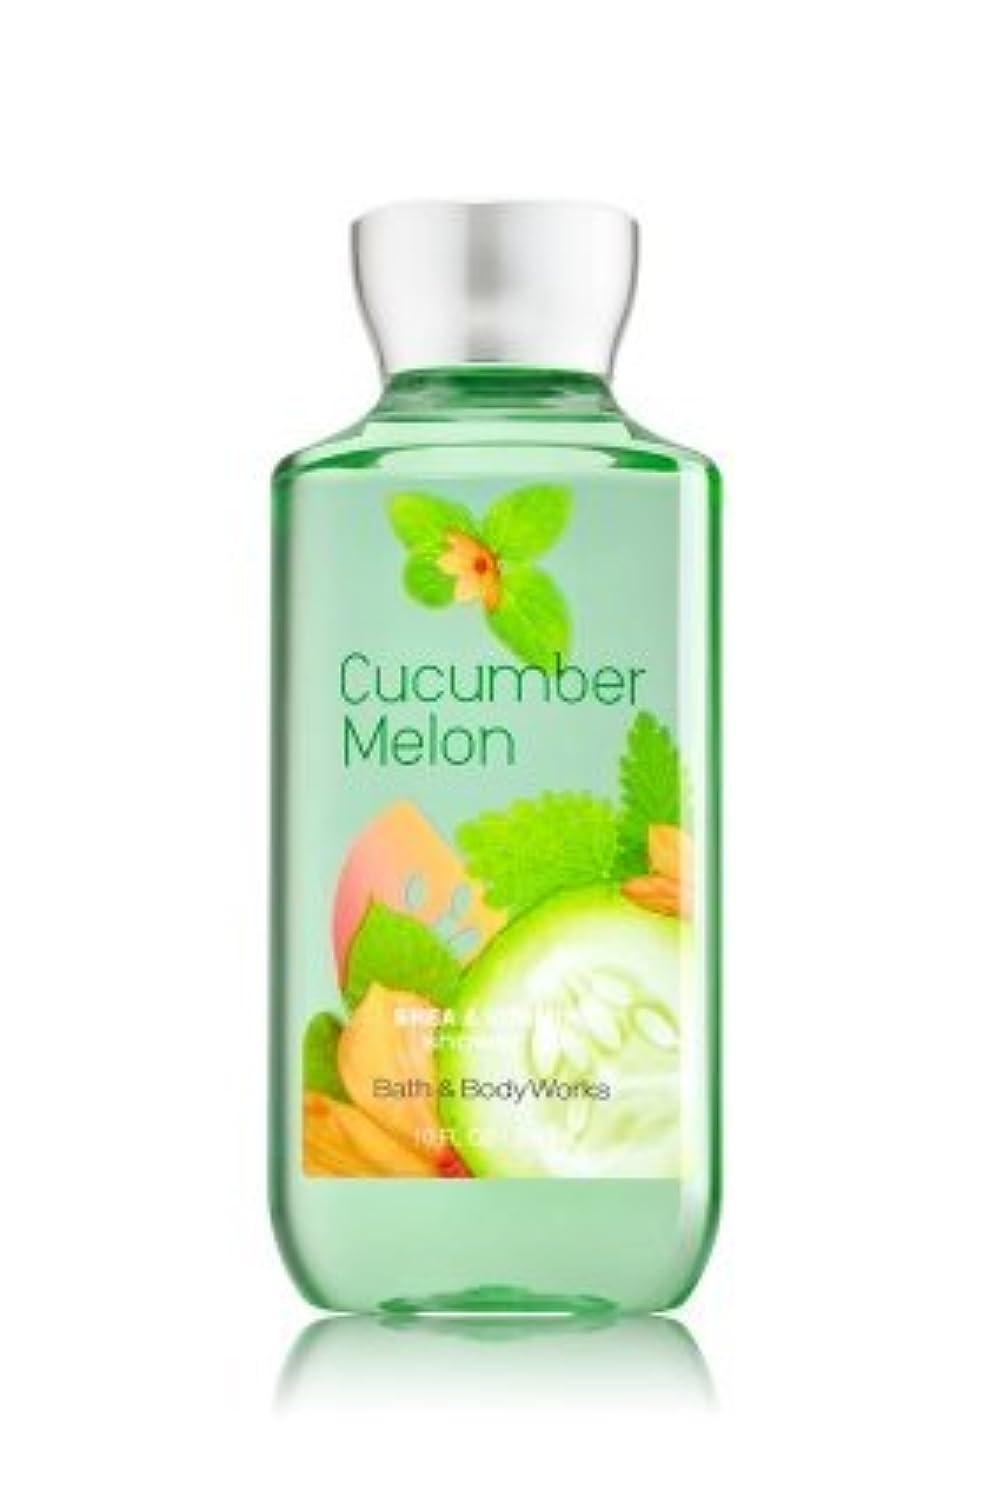 忠実定数計画的【Bath&Body Works/バス&ボディワークス】 シャワージェル キューカンバーメロン Shower Gel Cucumber Melon 10 fl oz / 295 mL [並行輸入品]